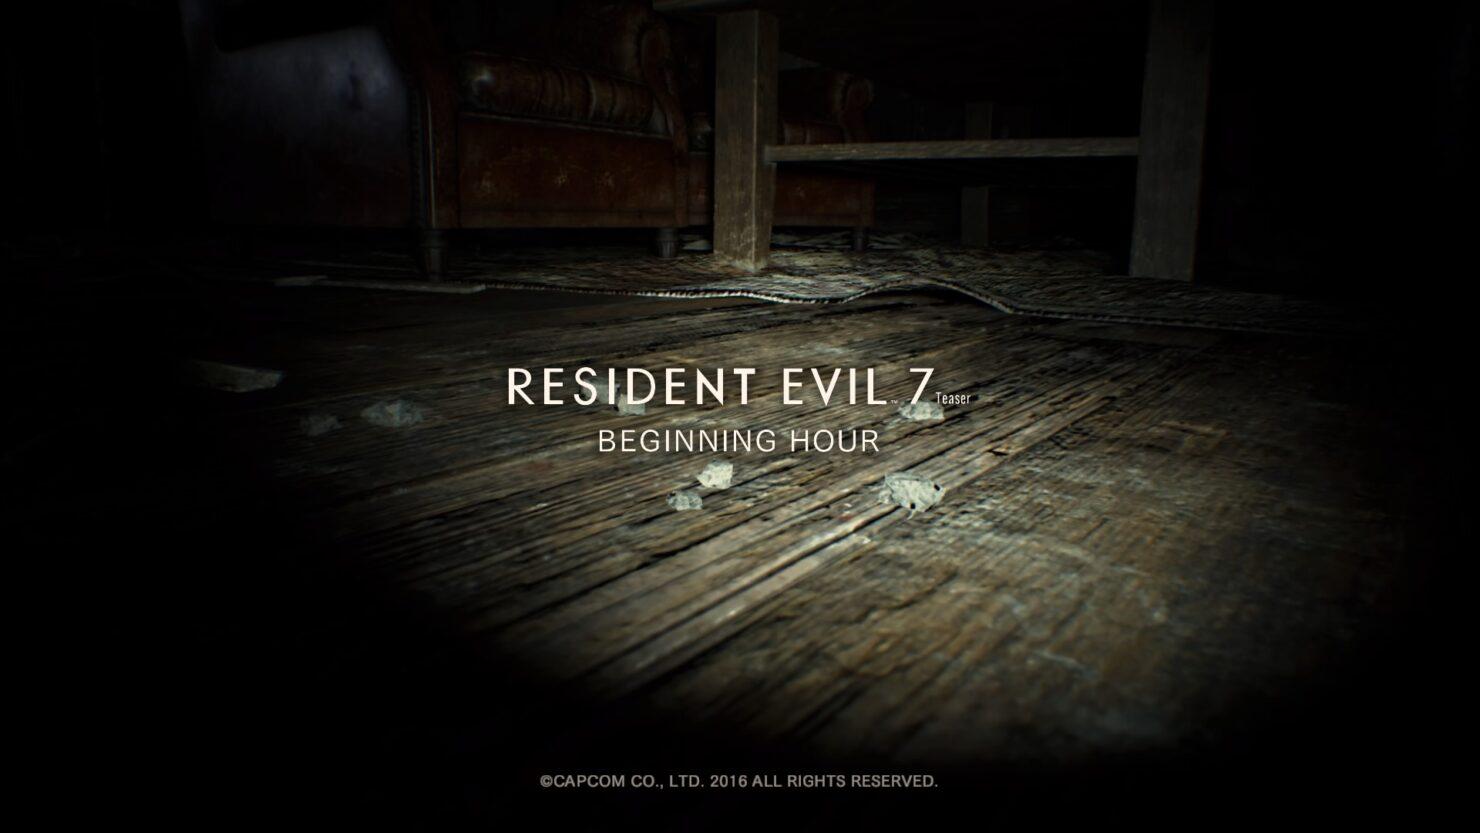 resident evil 7 demo teaser beginning hour xbox one